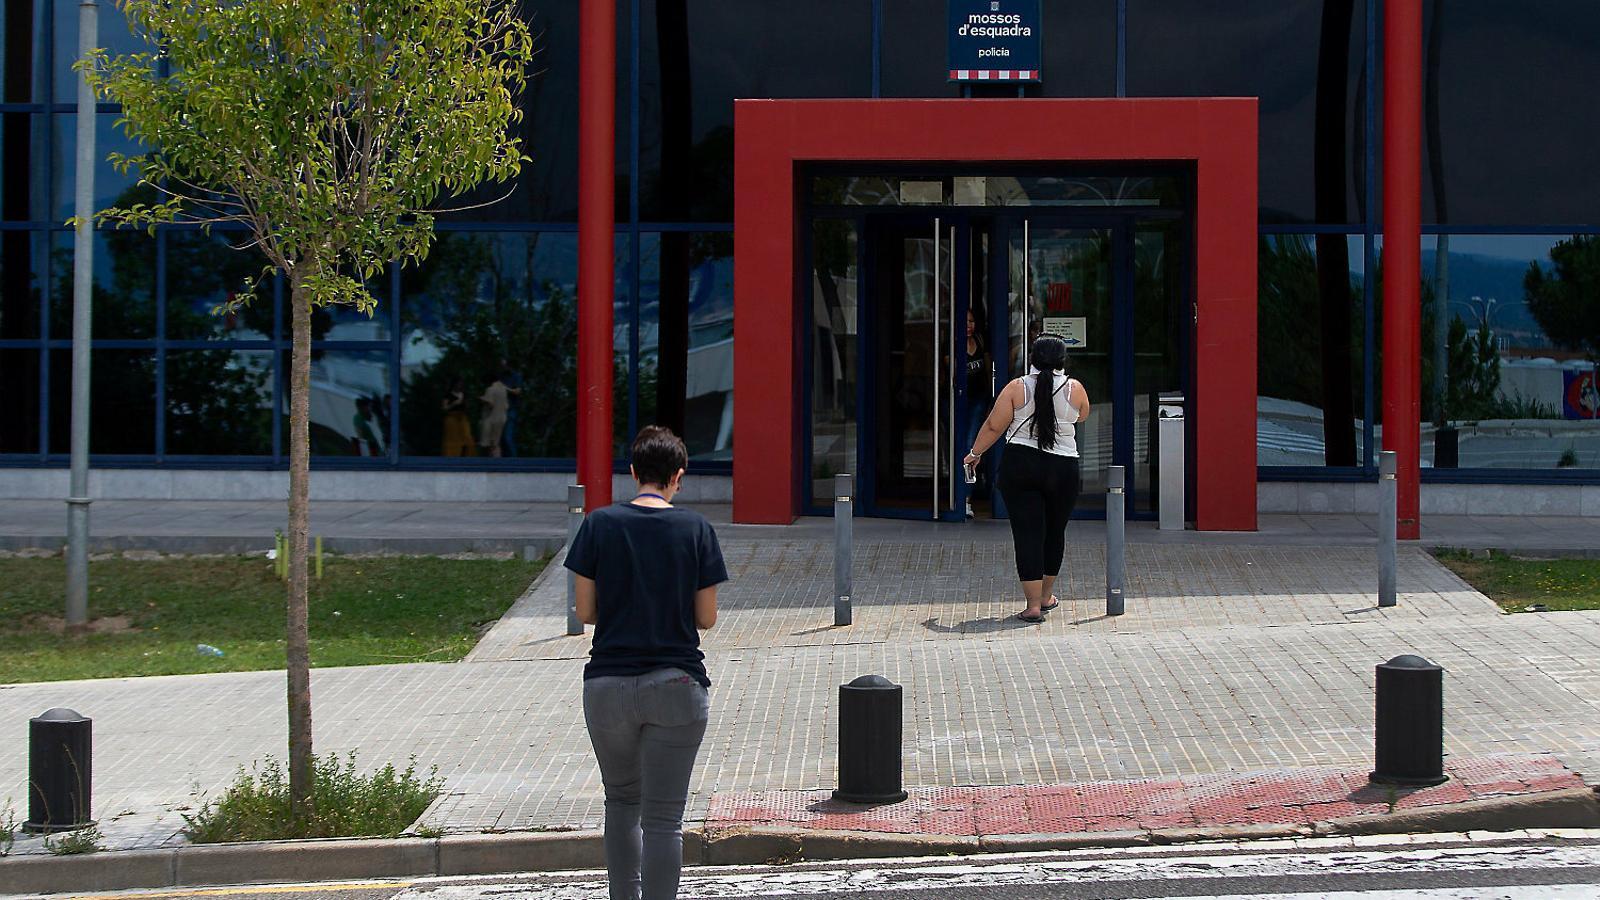 La comissaria dels Mossos d'Esquadra a Manresa, on ahir van quedar detinguts els quatre joves acusats d'una agressió sexual al mateix municipi.